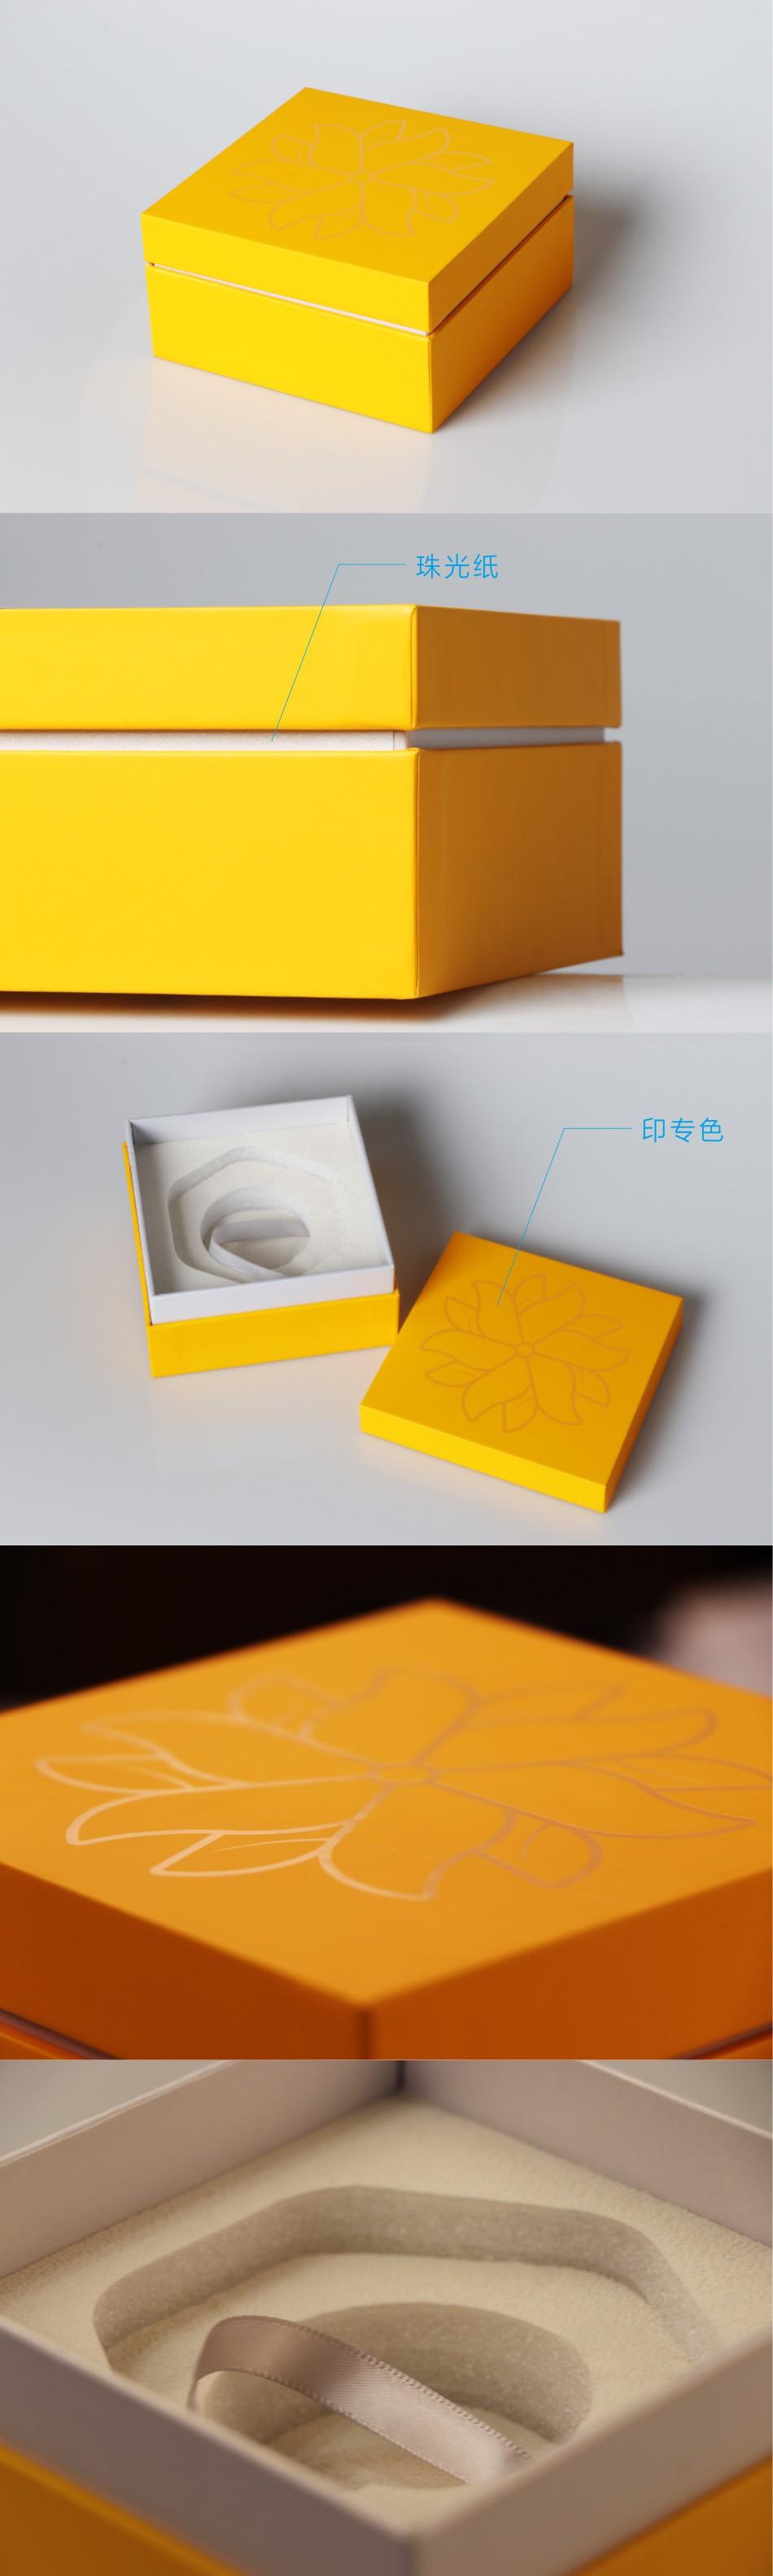 博创北京包装设计厂家高端化妆品包装盒案例